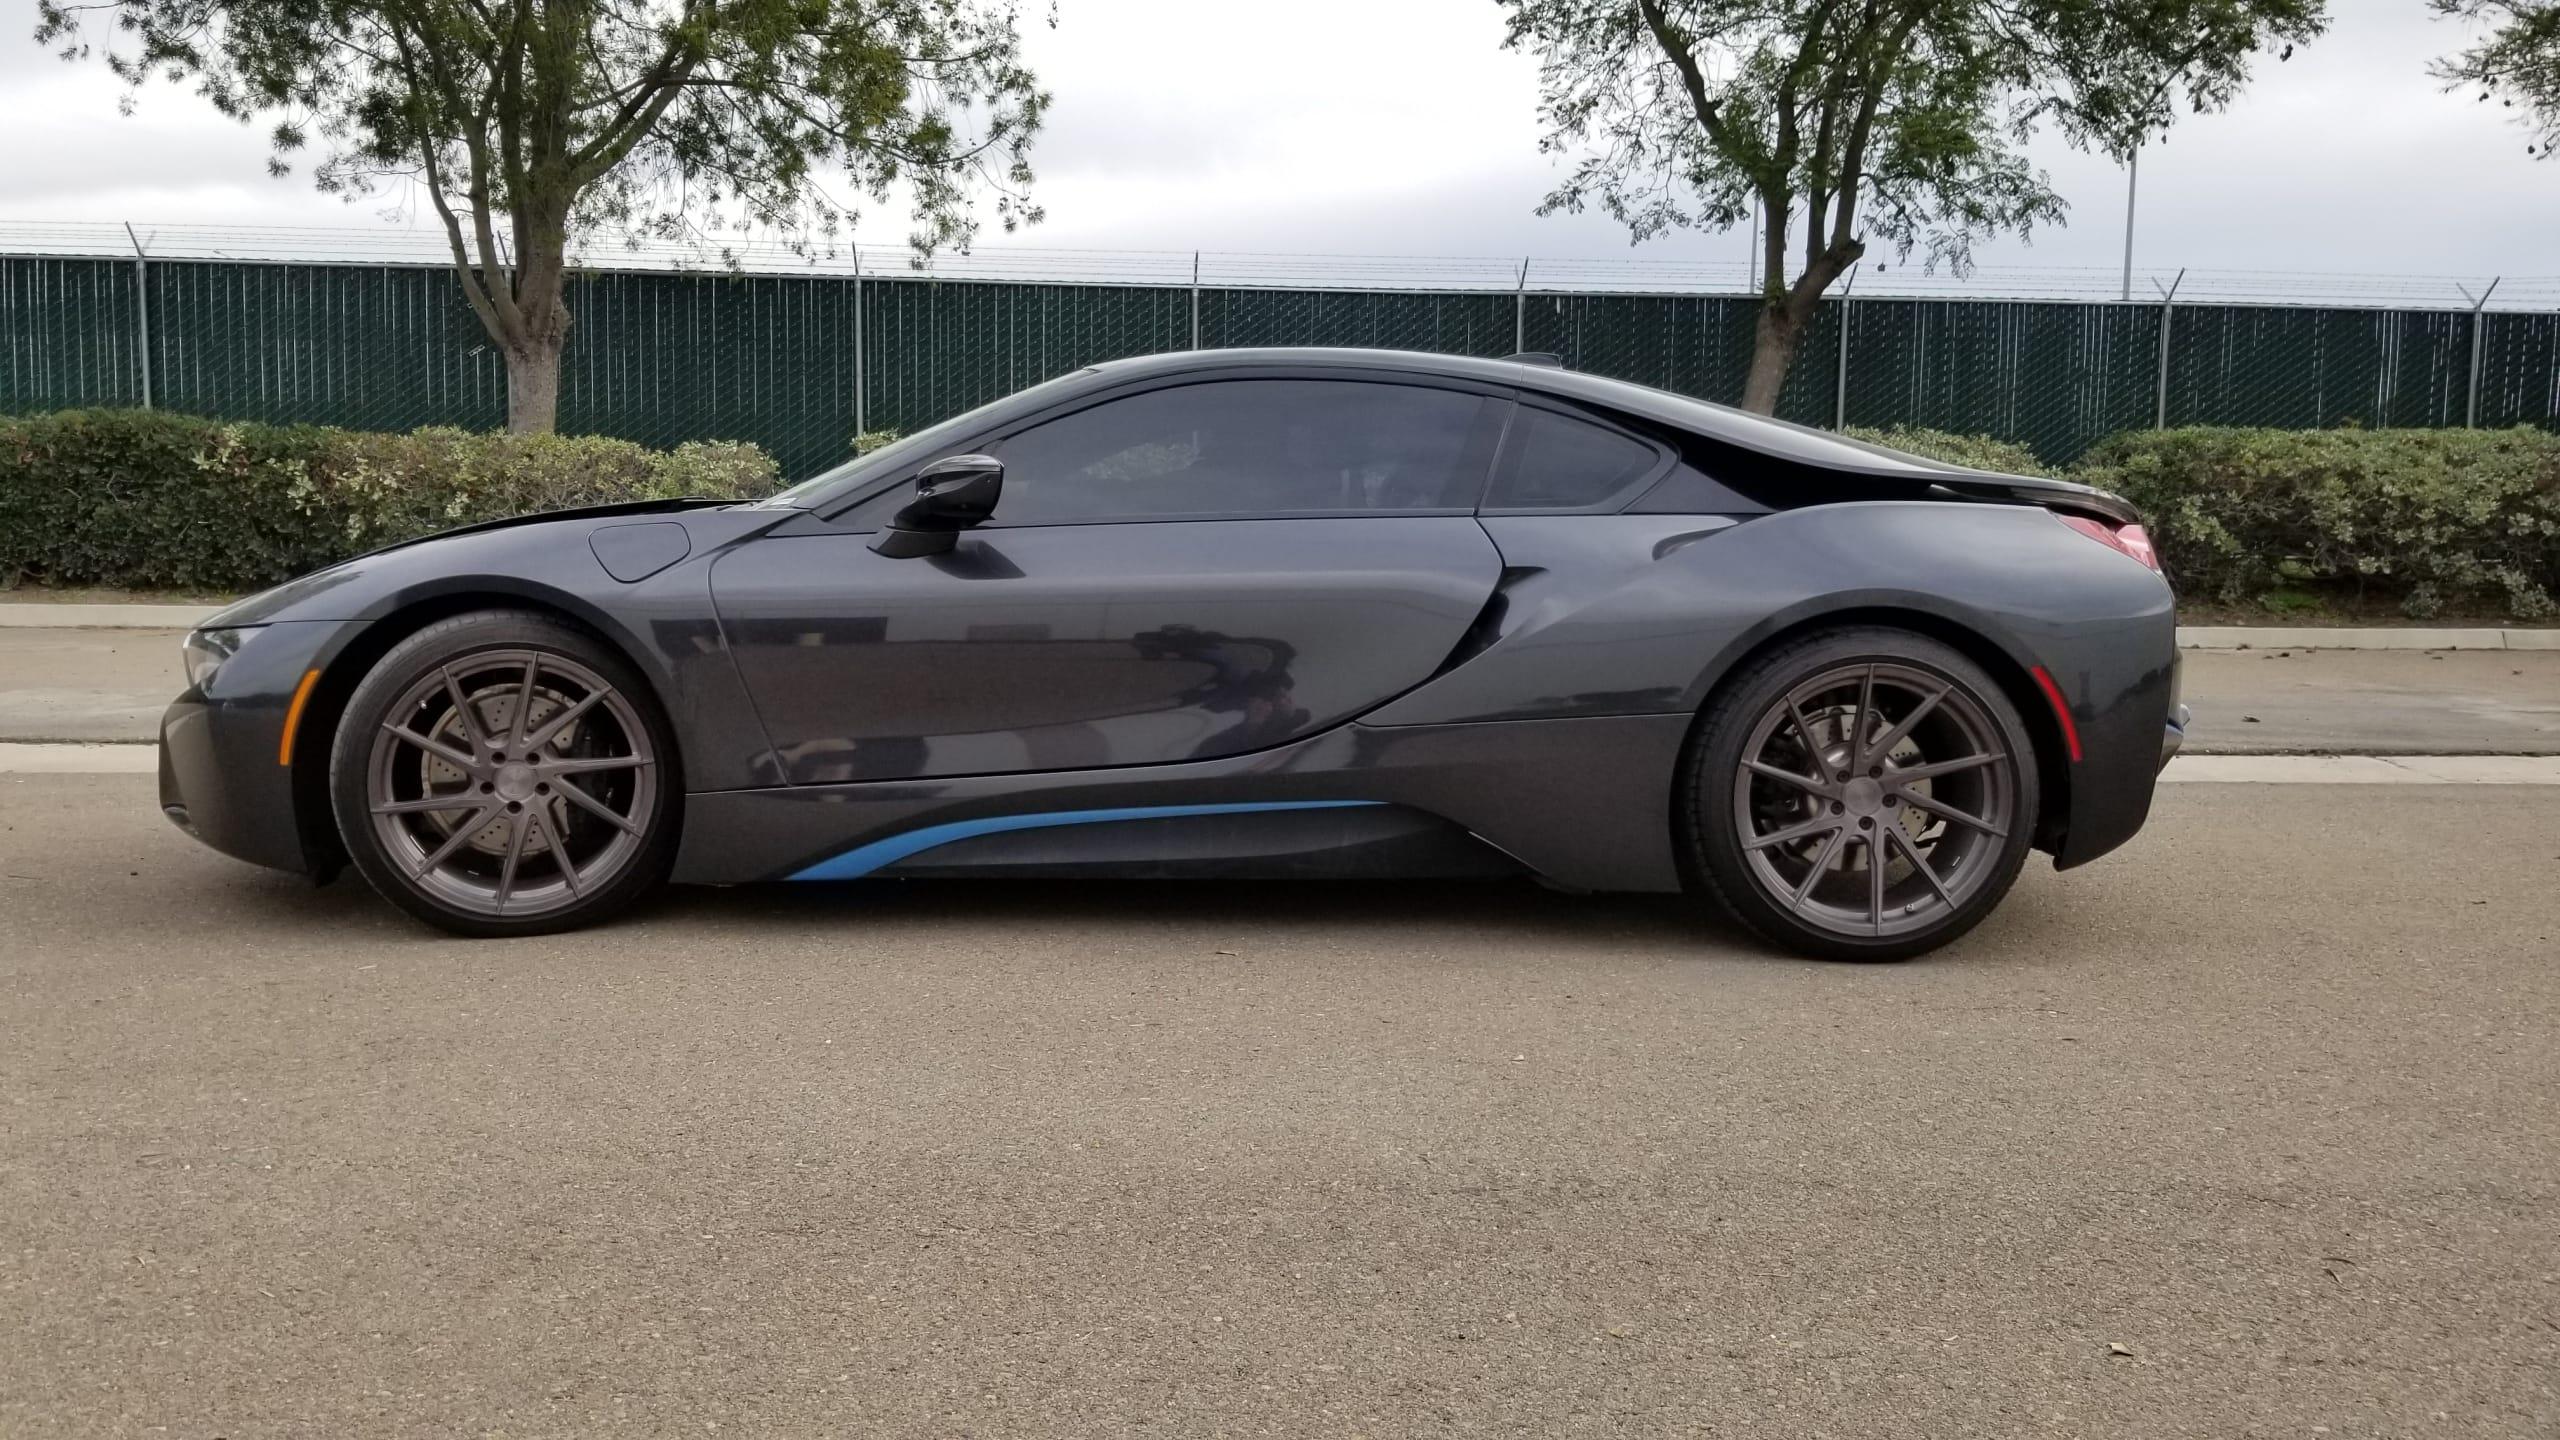 2015 BMW I8 (5.5) (2)